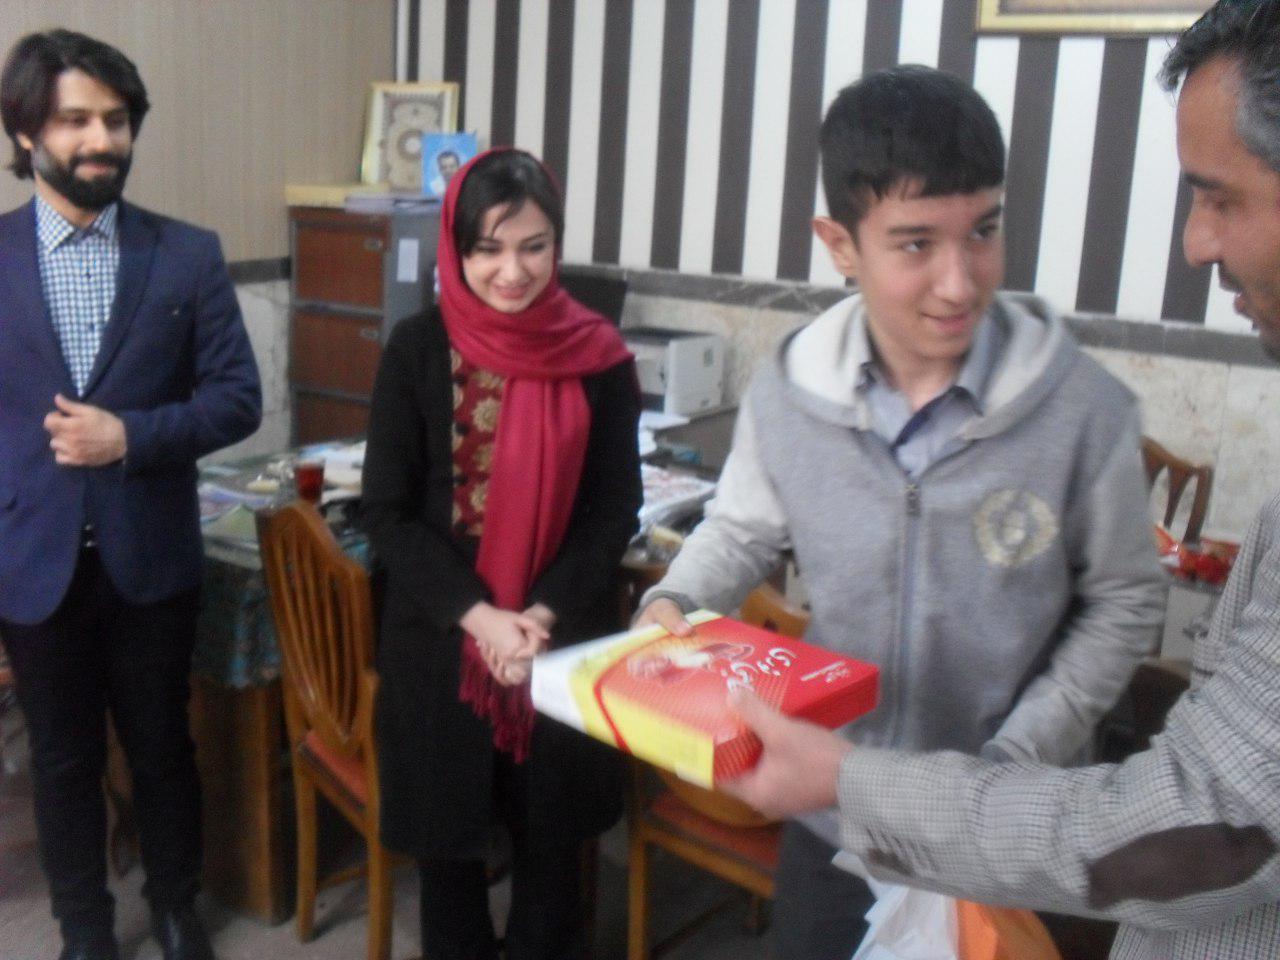 اهدای هدایا به دانش آموزان برتر دبیرستان شهدای صنف گردبافان در نیمسال اول سال تحصیلی 96-97